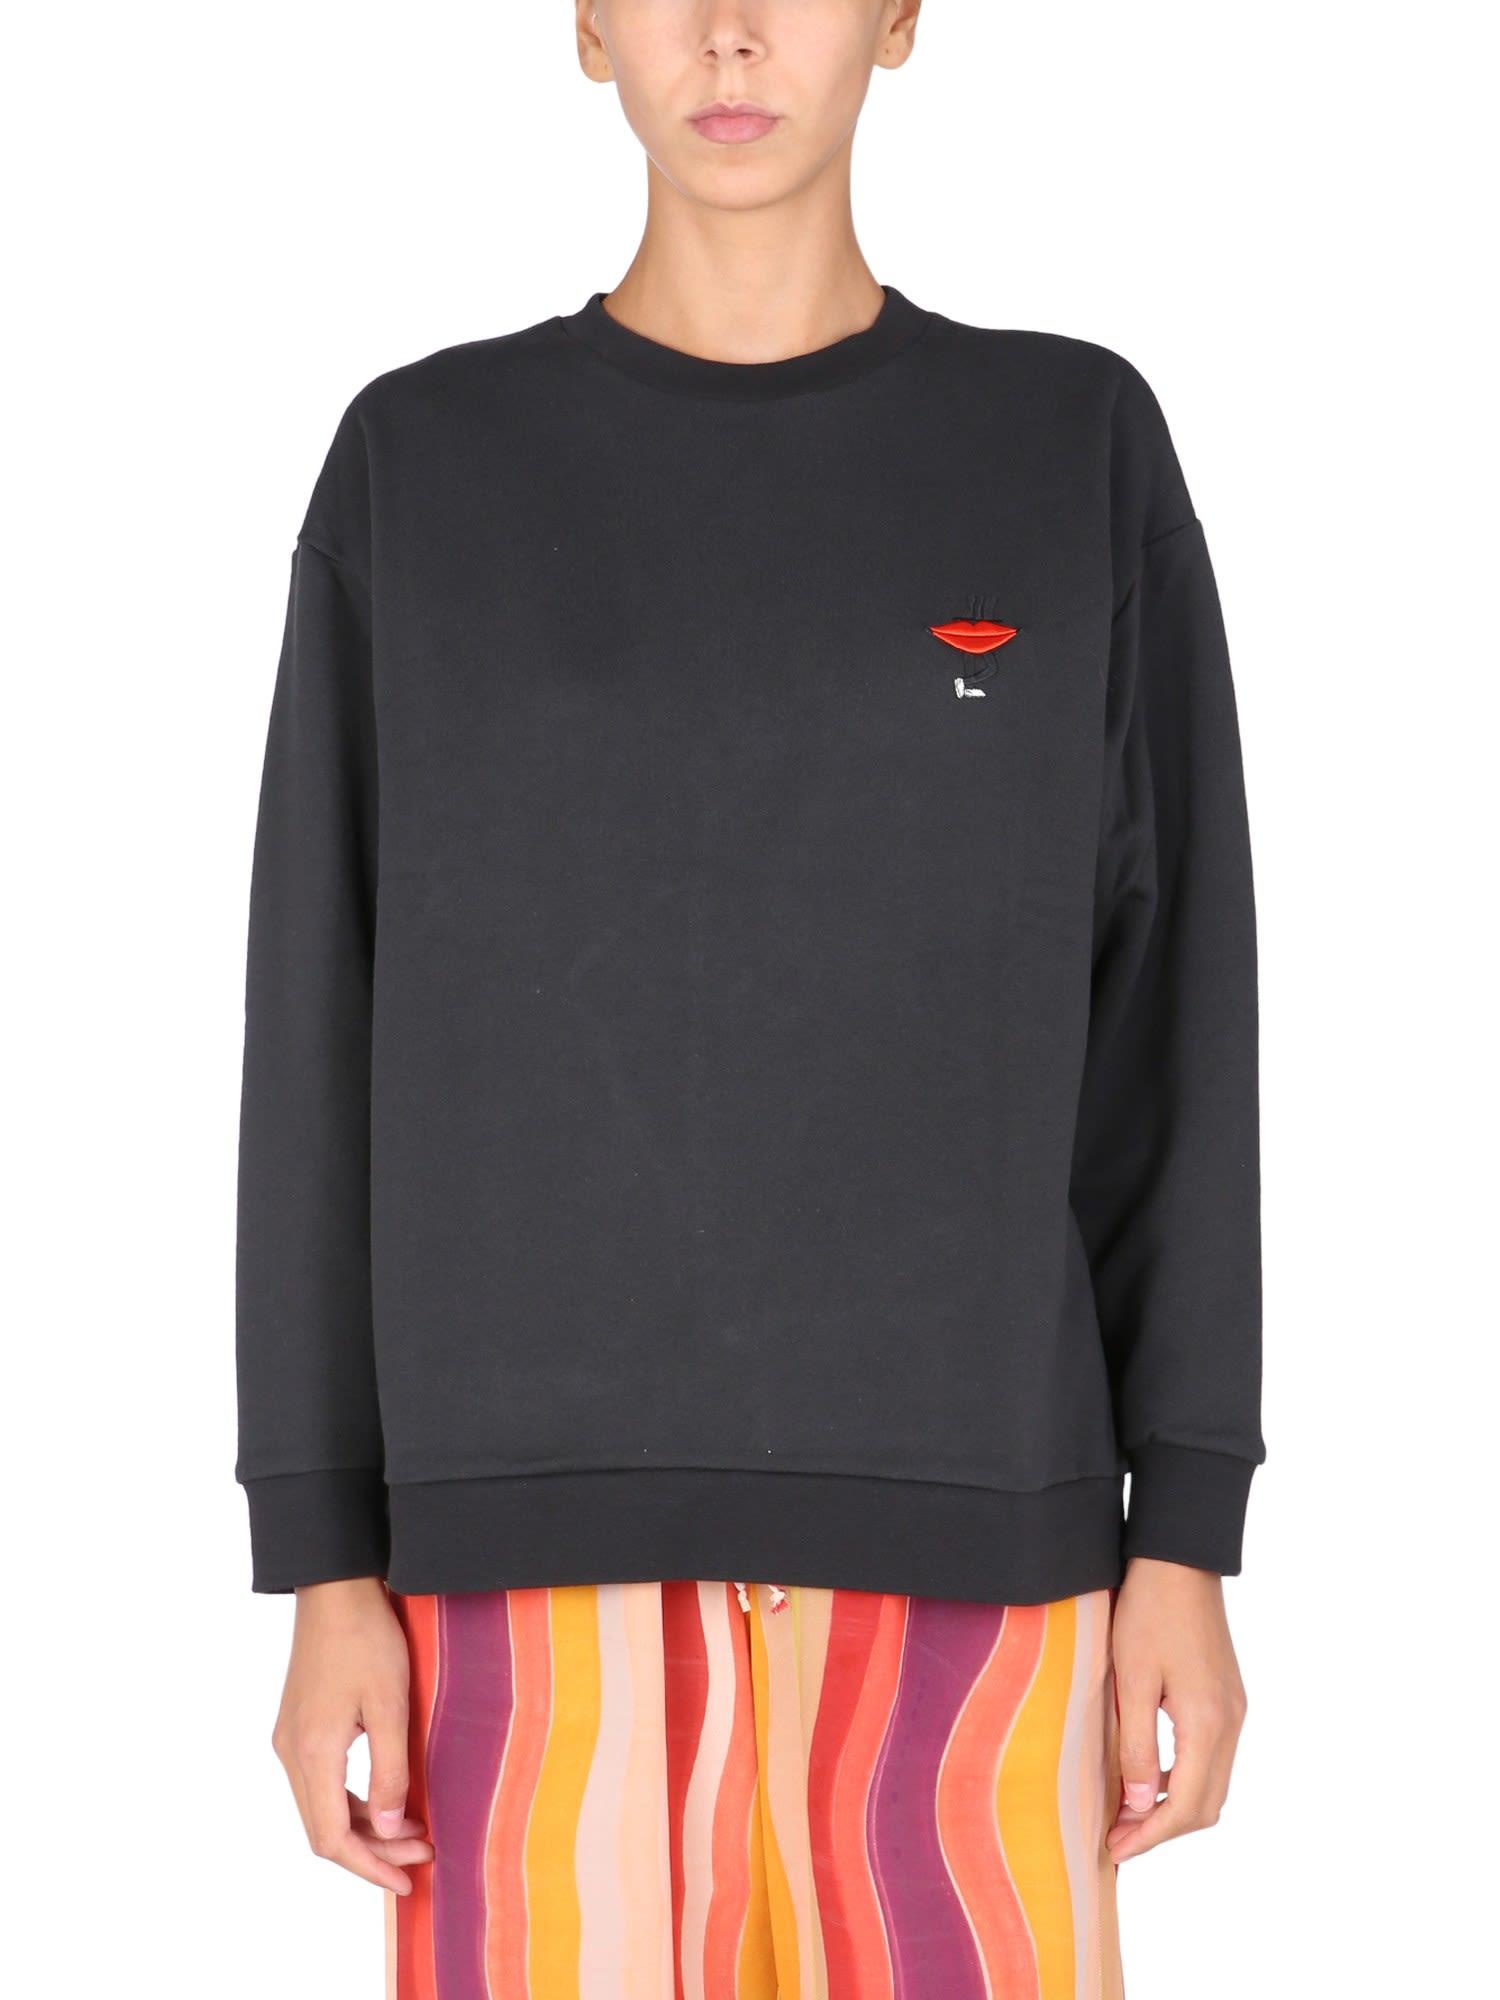 Lips Leg Sweatshirt